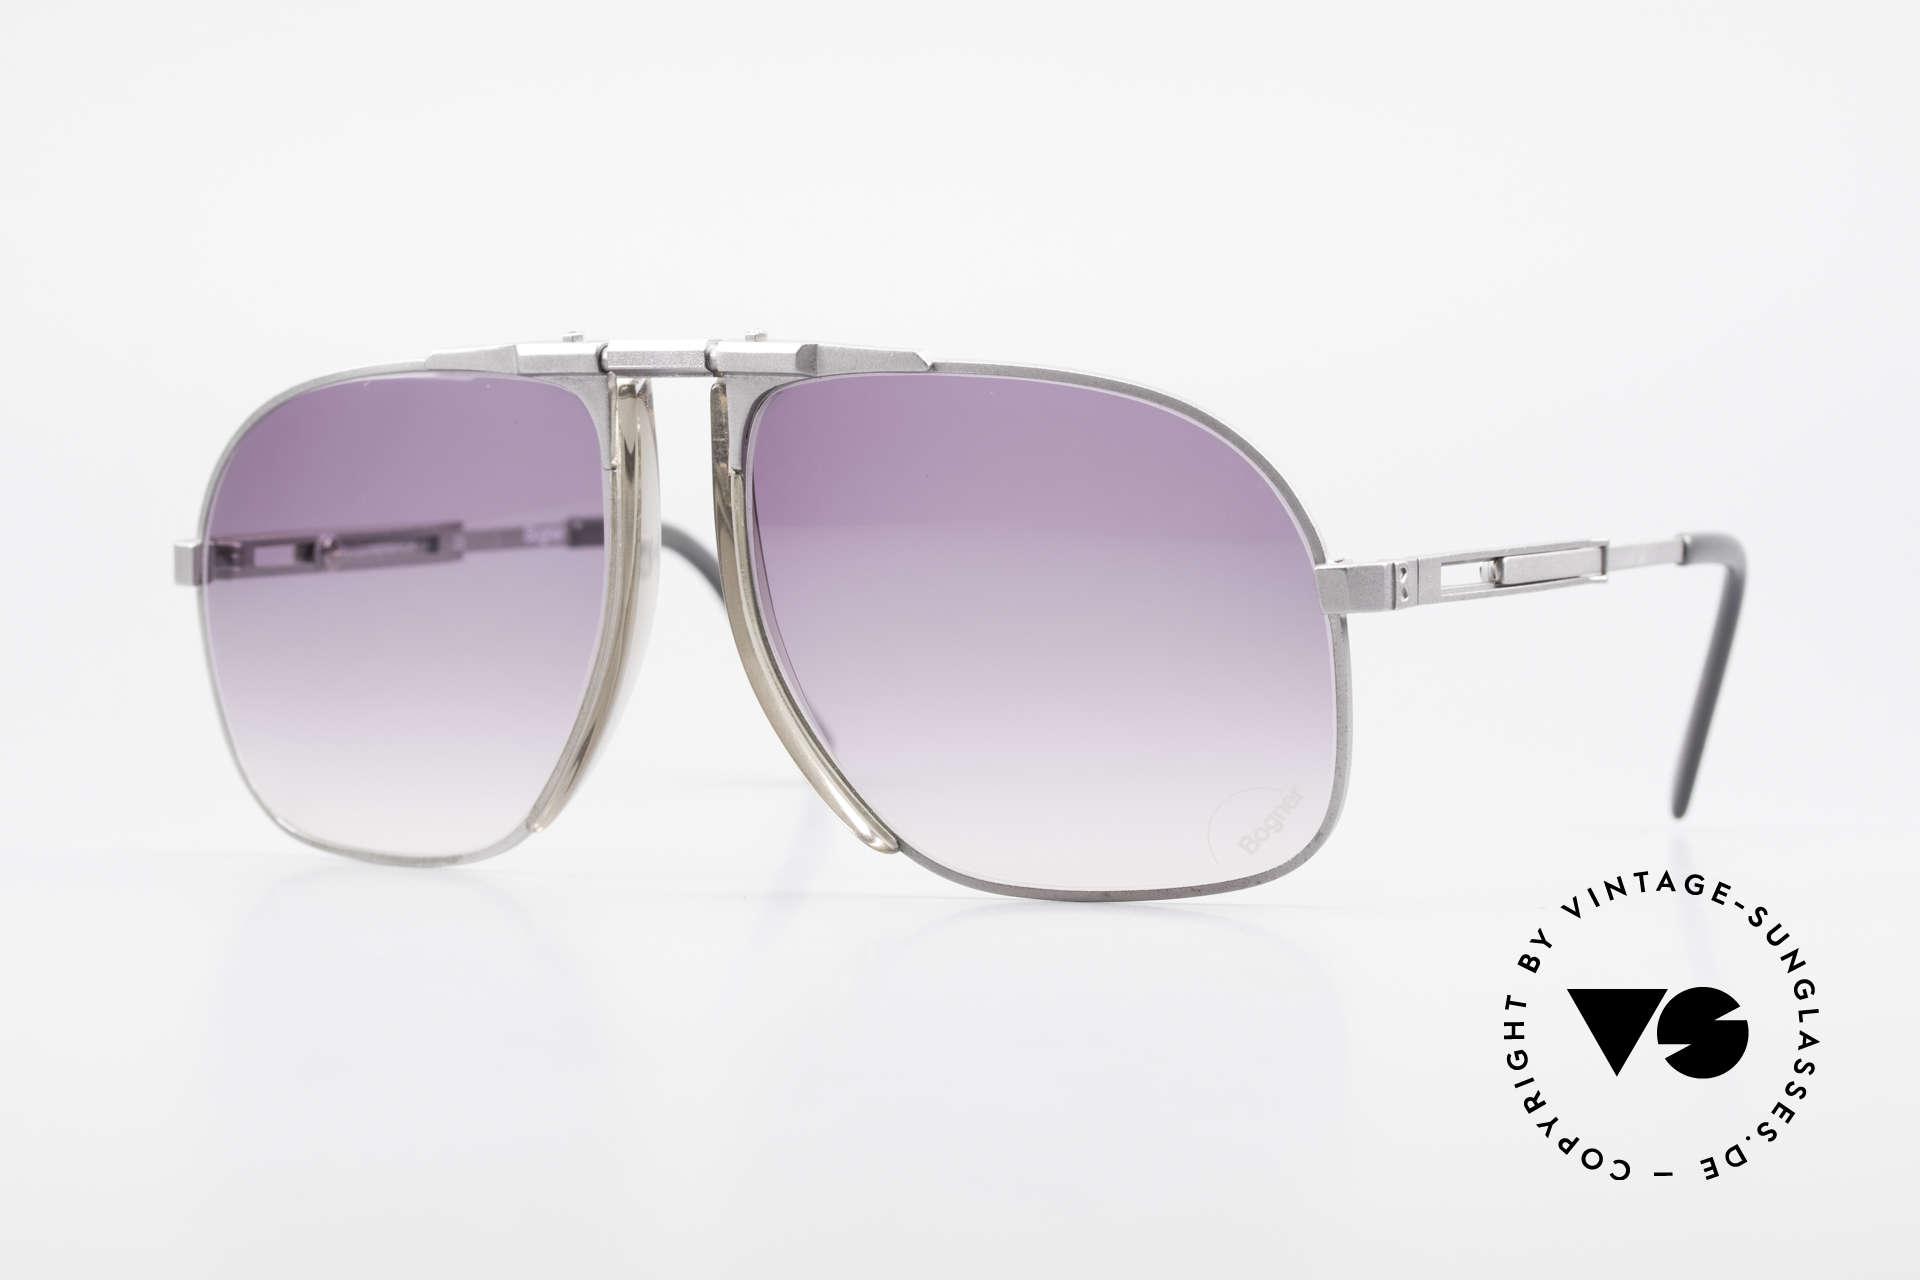 Willy Bogner 7023 Einstellbare Sonnenbrille 80er, die Bestseller Sonnenbrille vom Ski-Ass Willy Bogner, Passend für Herren